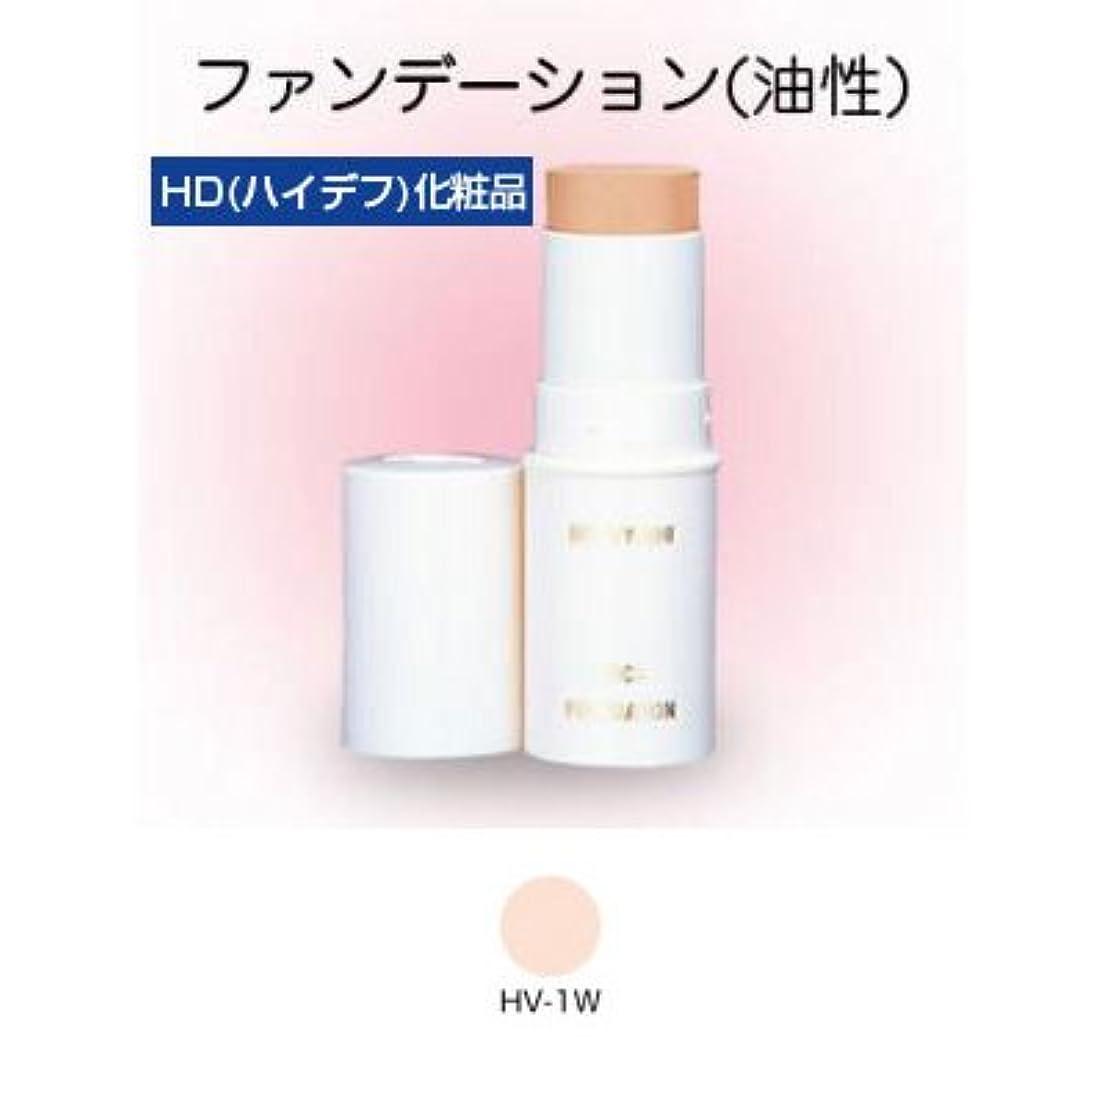 コンパス管理する診断するスティックファンデーション HD化粧品 17g 1W 【三善】